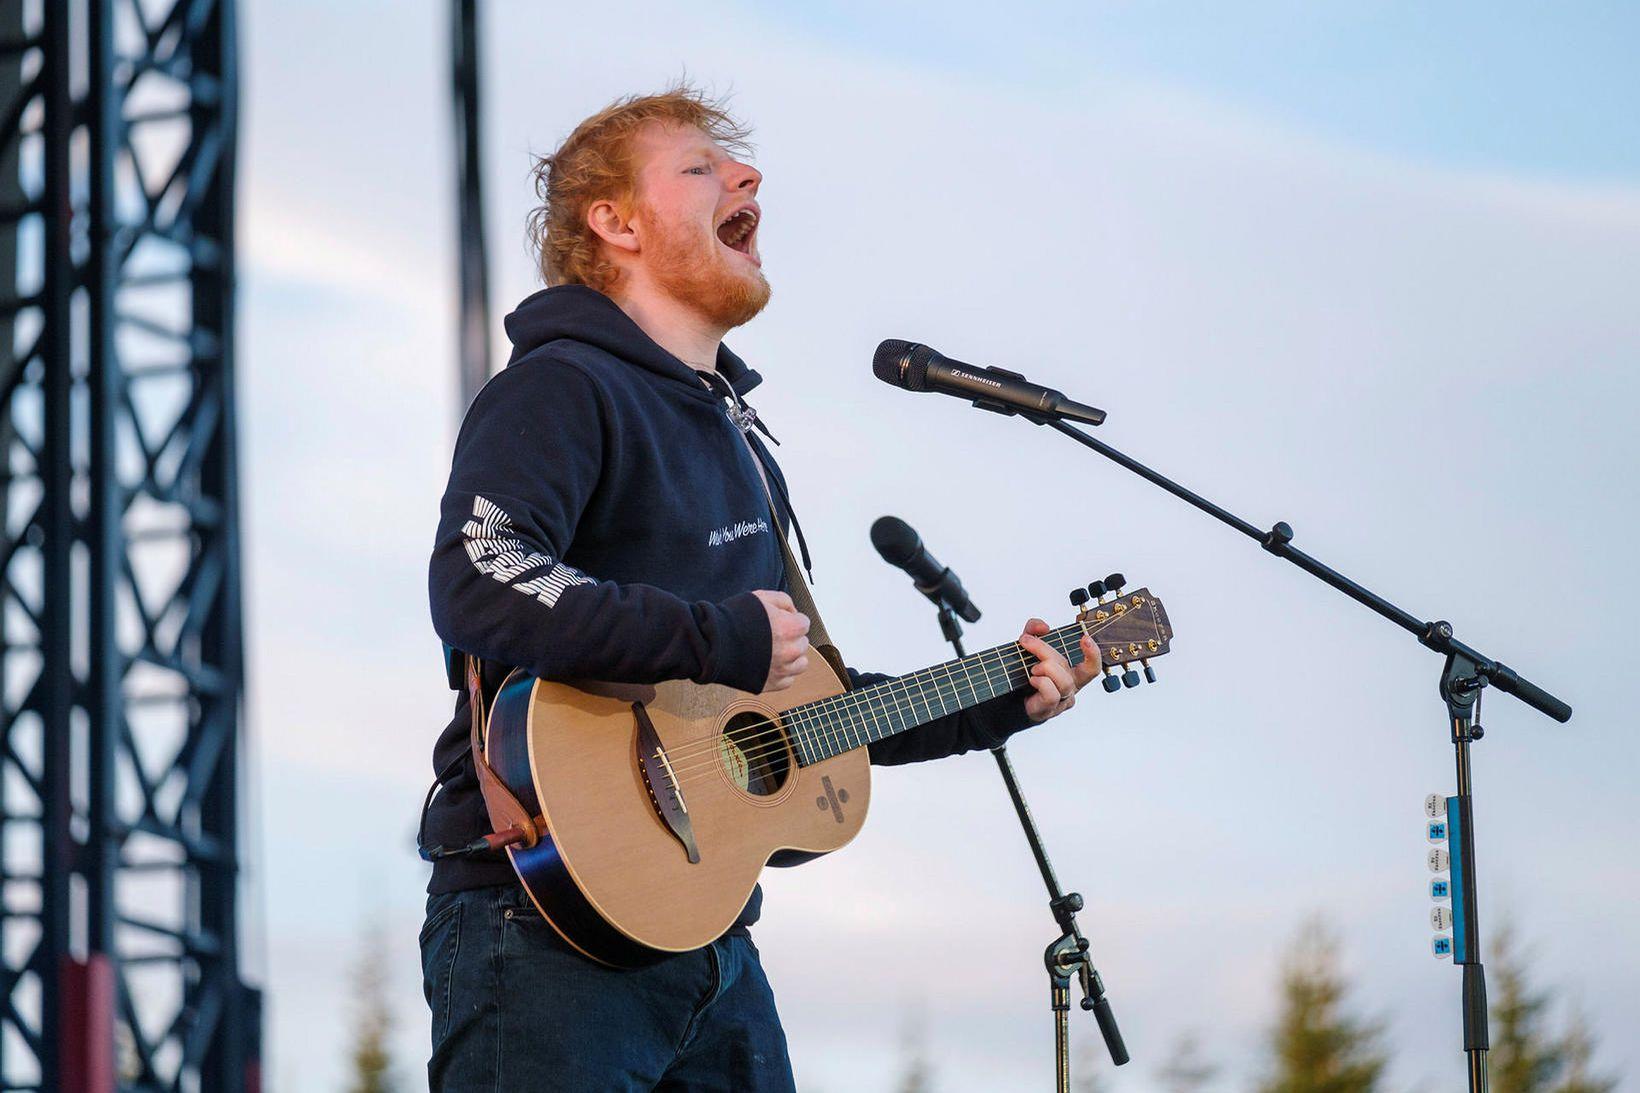 Ed Sheeran hefur grætt vel á tónleikaferðum sínum. Hér er …